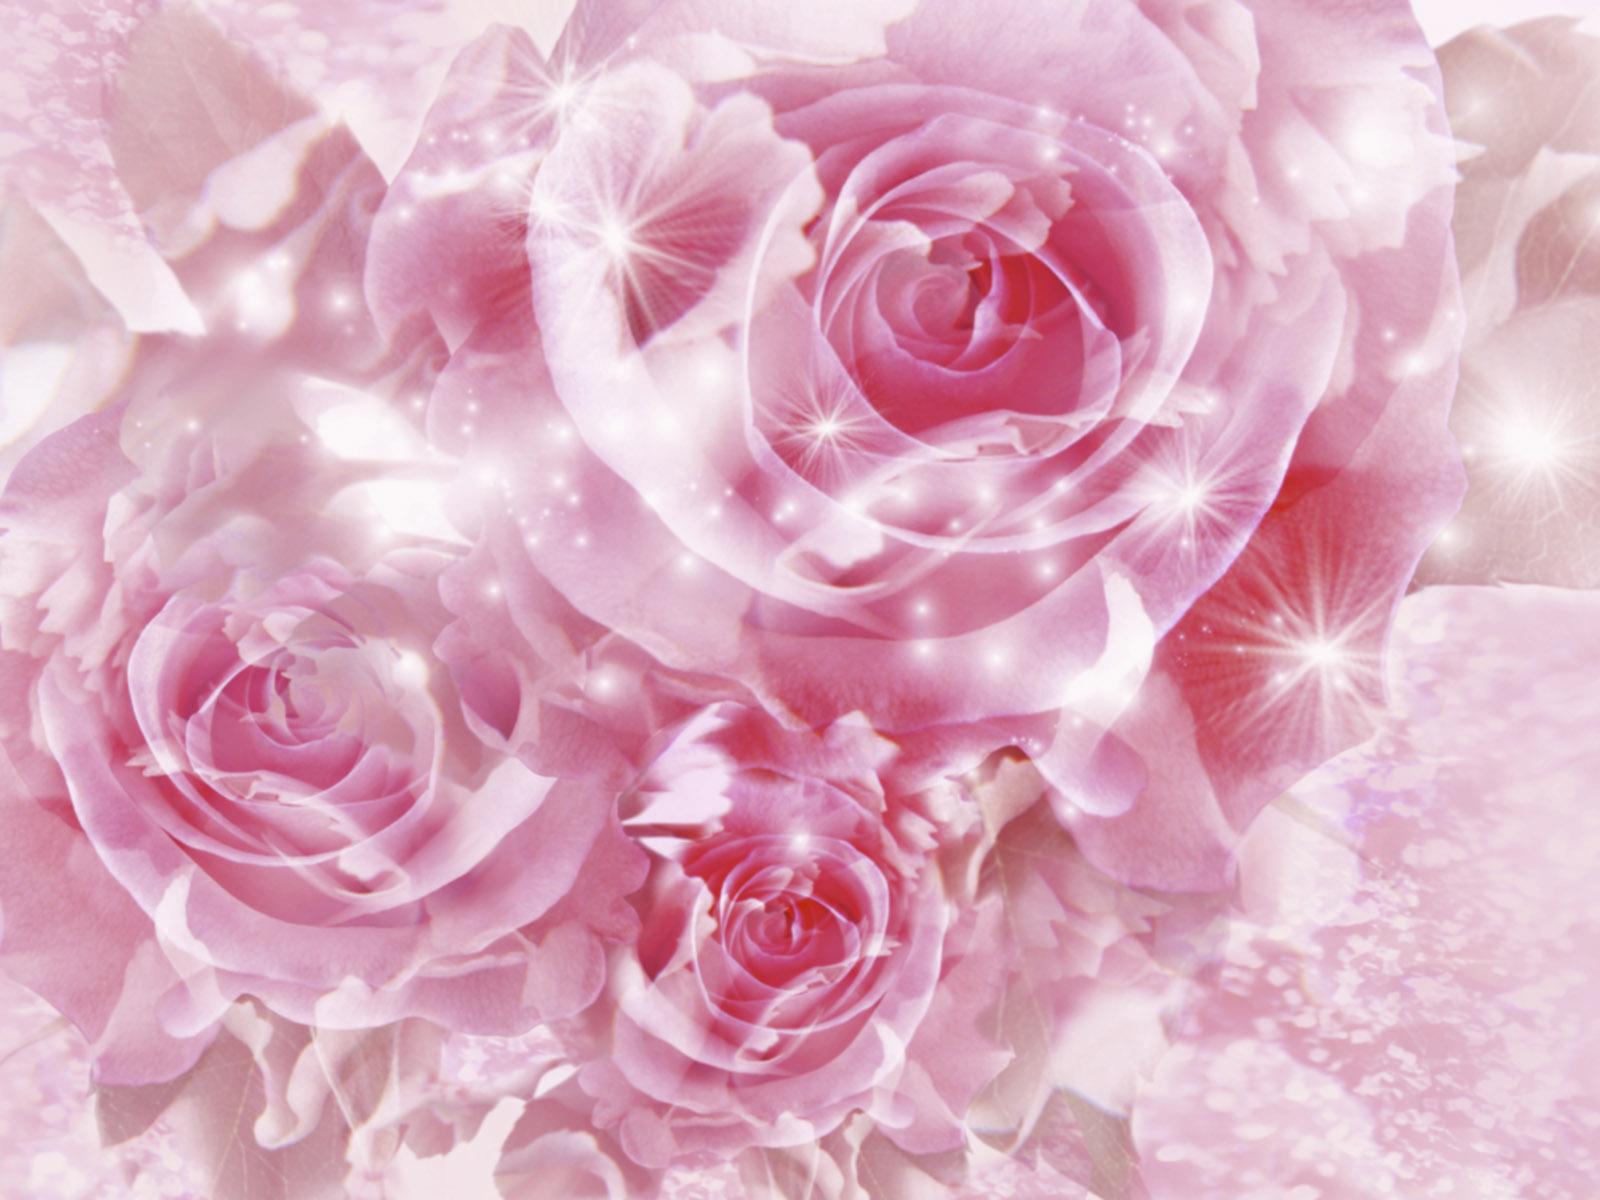 http://1.bp.blogspot.com/_QFbXB9IRImQ/TQZbLDsyCBI/AAAAAAAAAFE/h4h-V4iUbIQ/s1600/1269090803-3R2PGKP.jpg